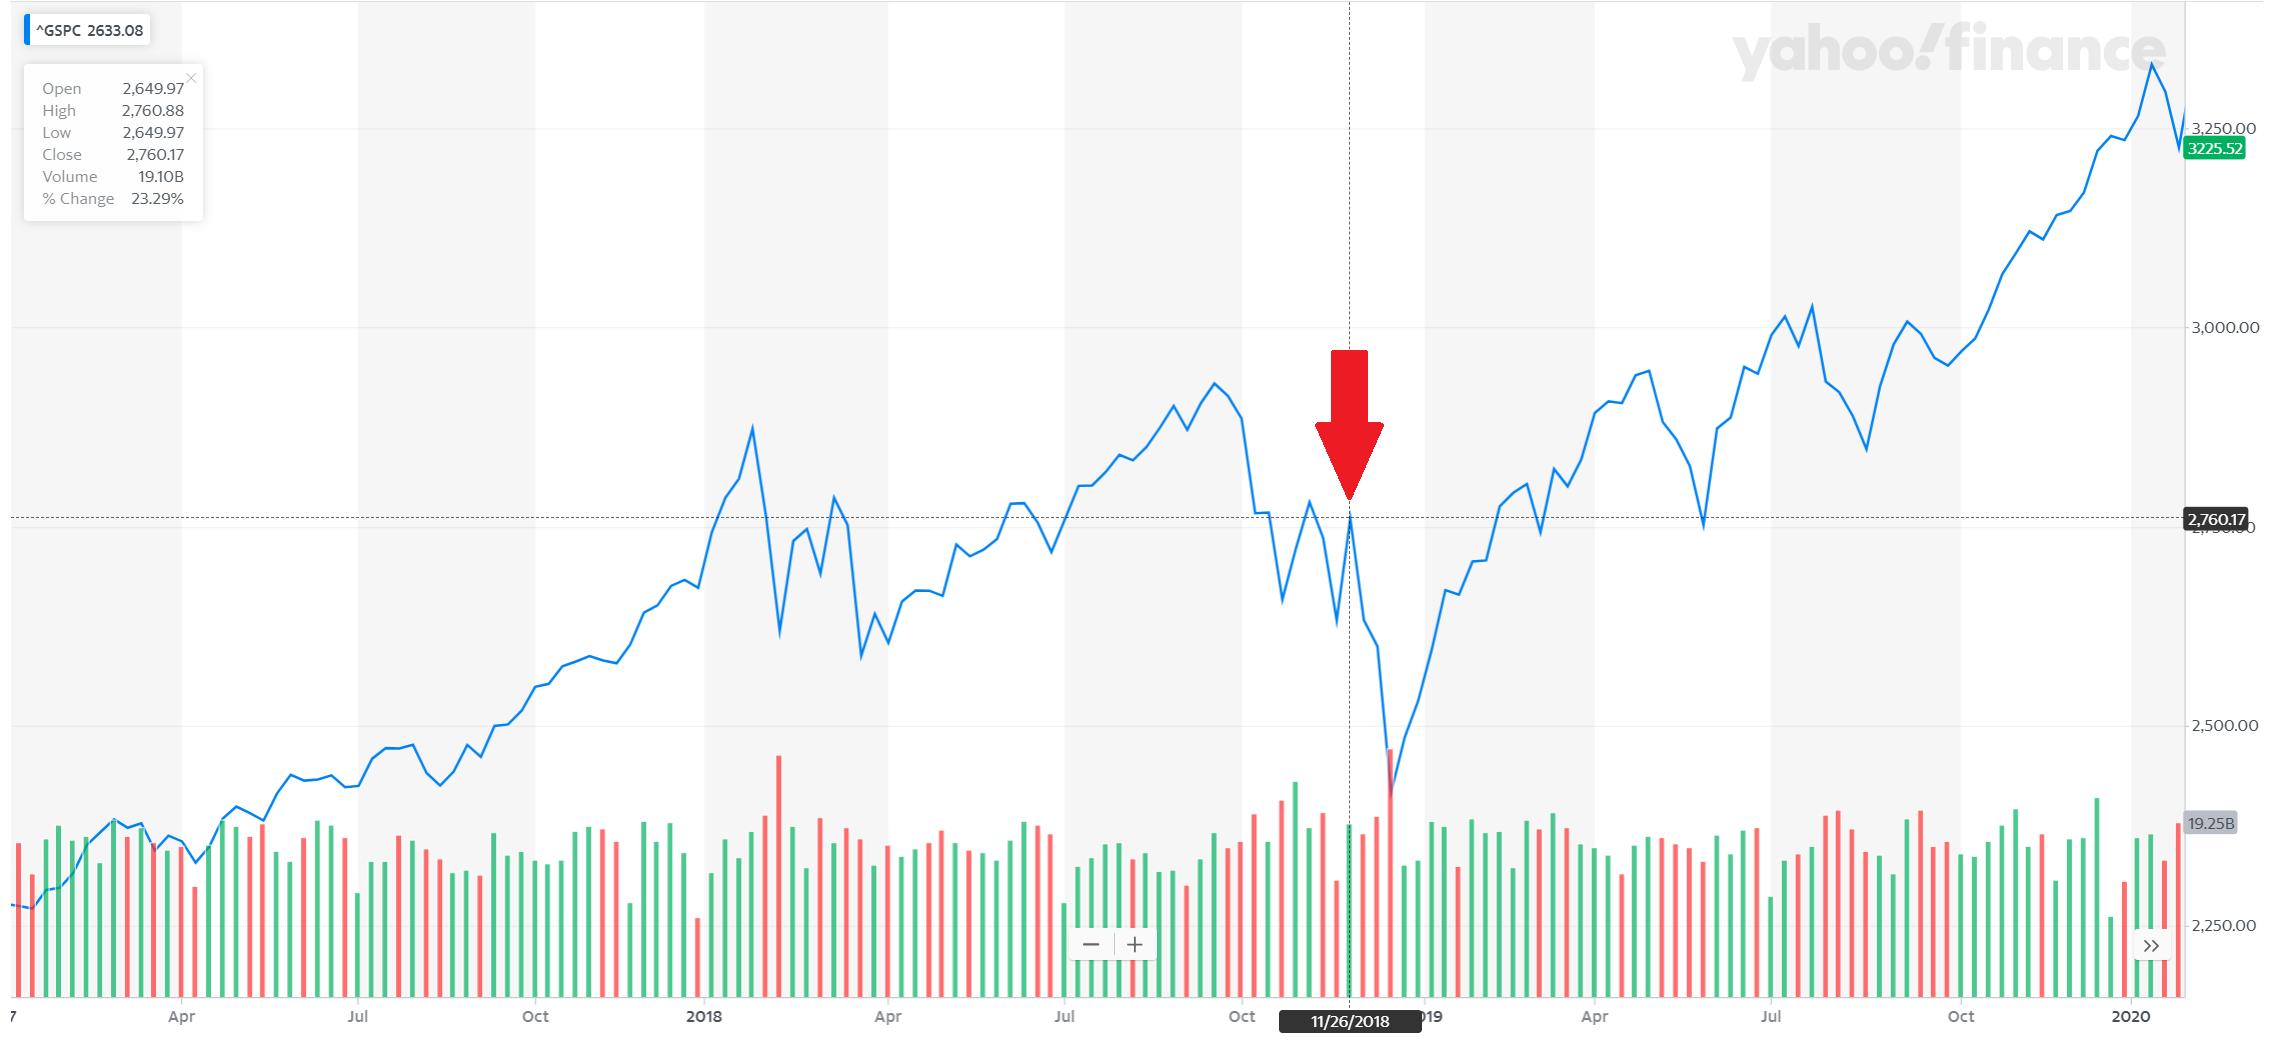 S&P 500 drops on US-China trade war escalation